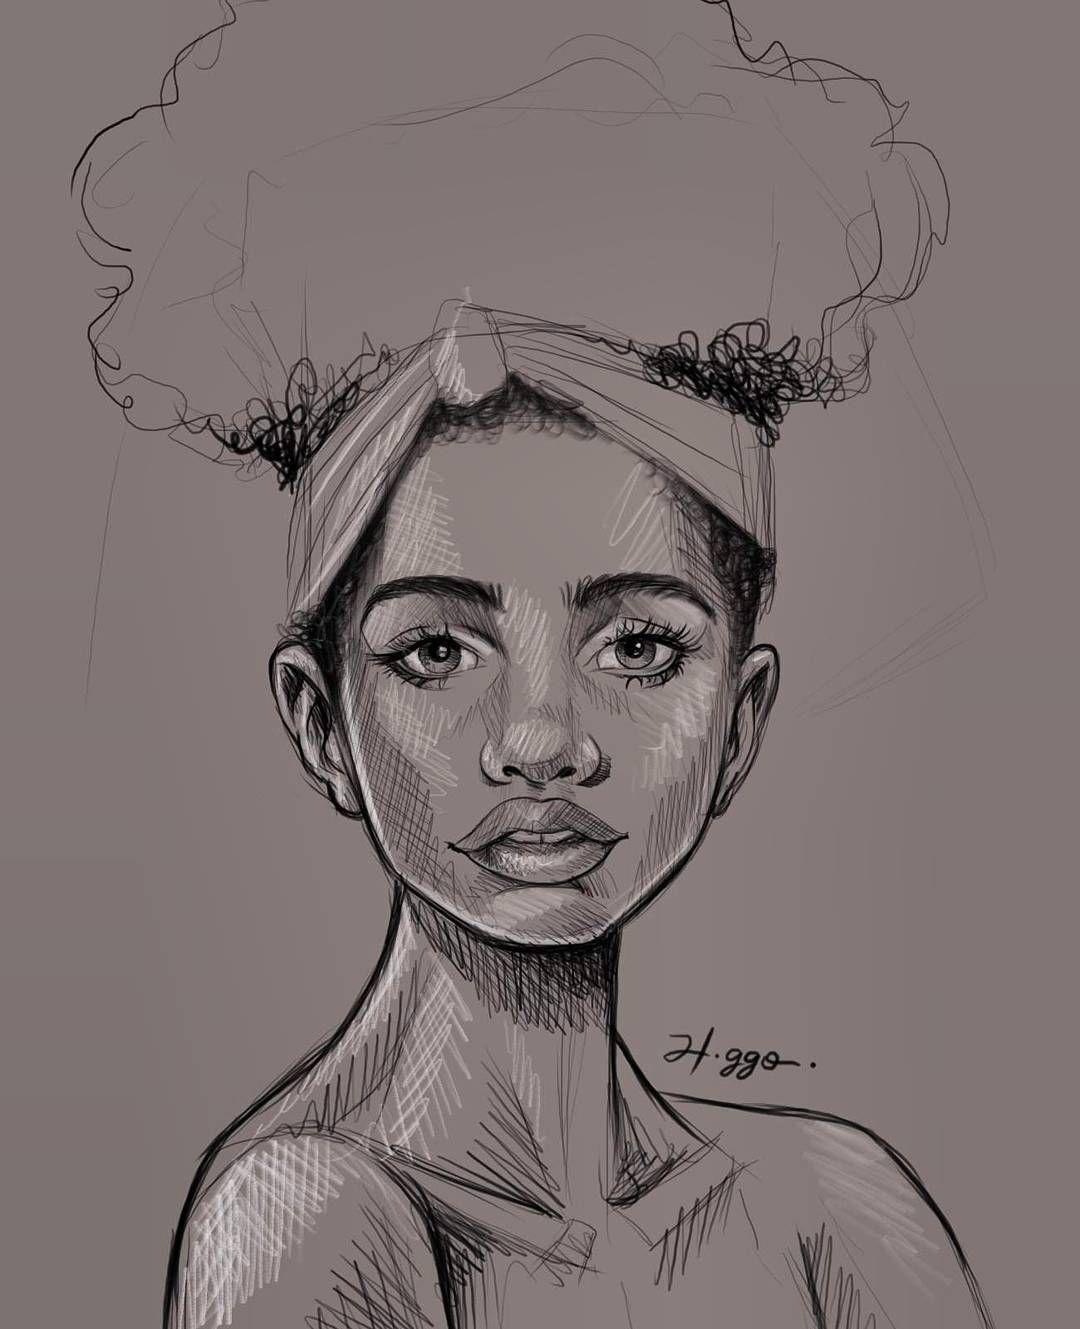 Famosos Afro brasileira, desenho #desenhando #beleza #criacao #arte  NR17